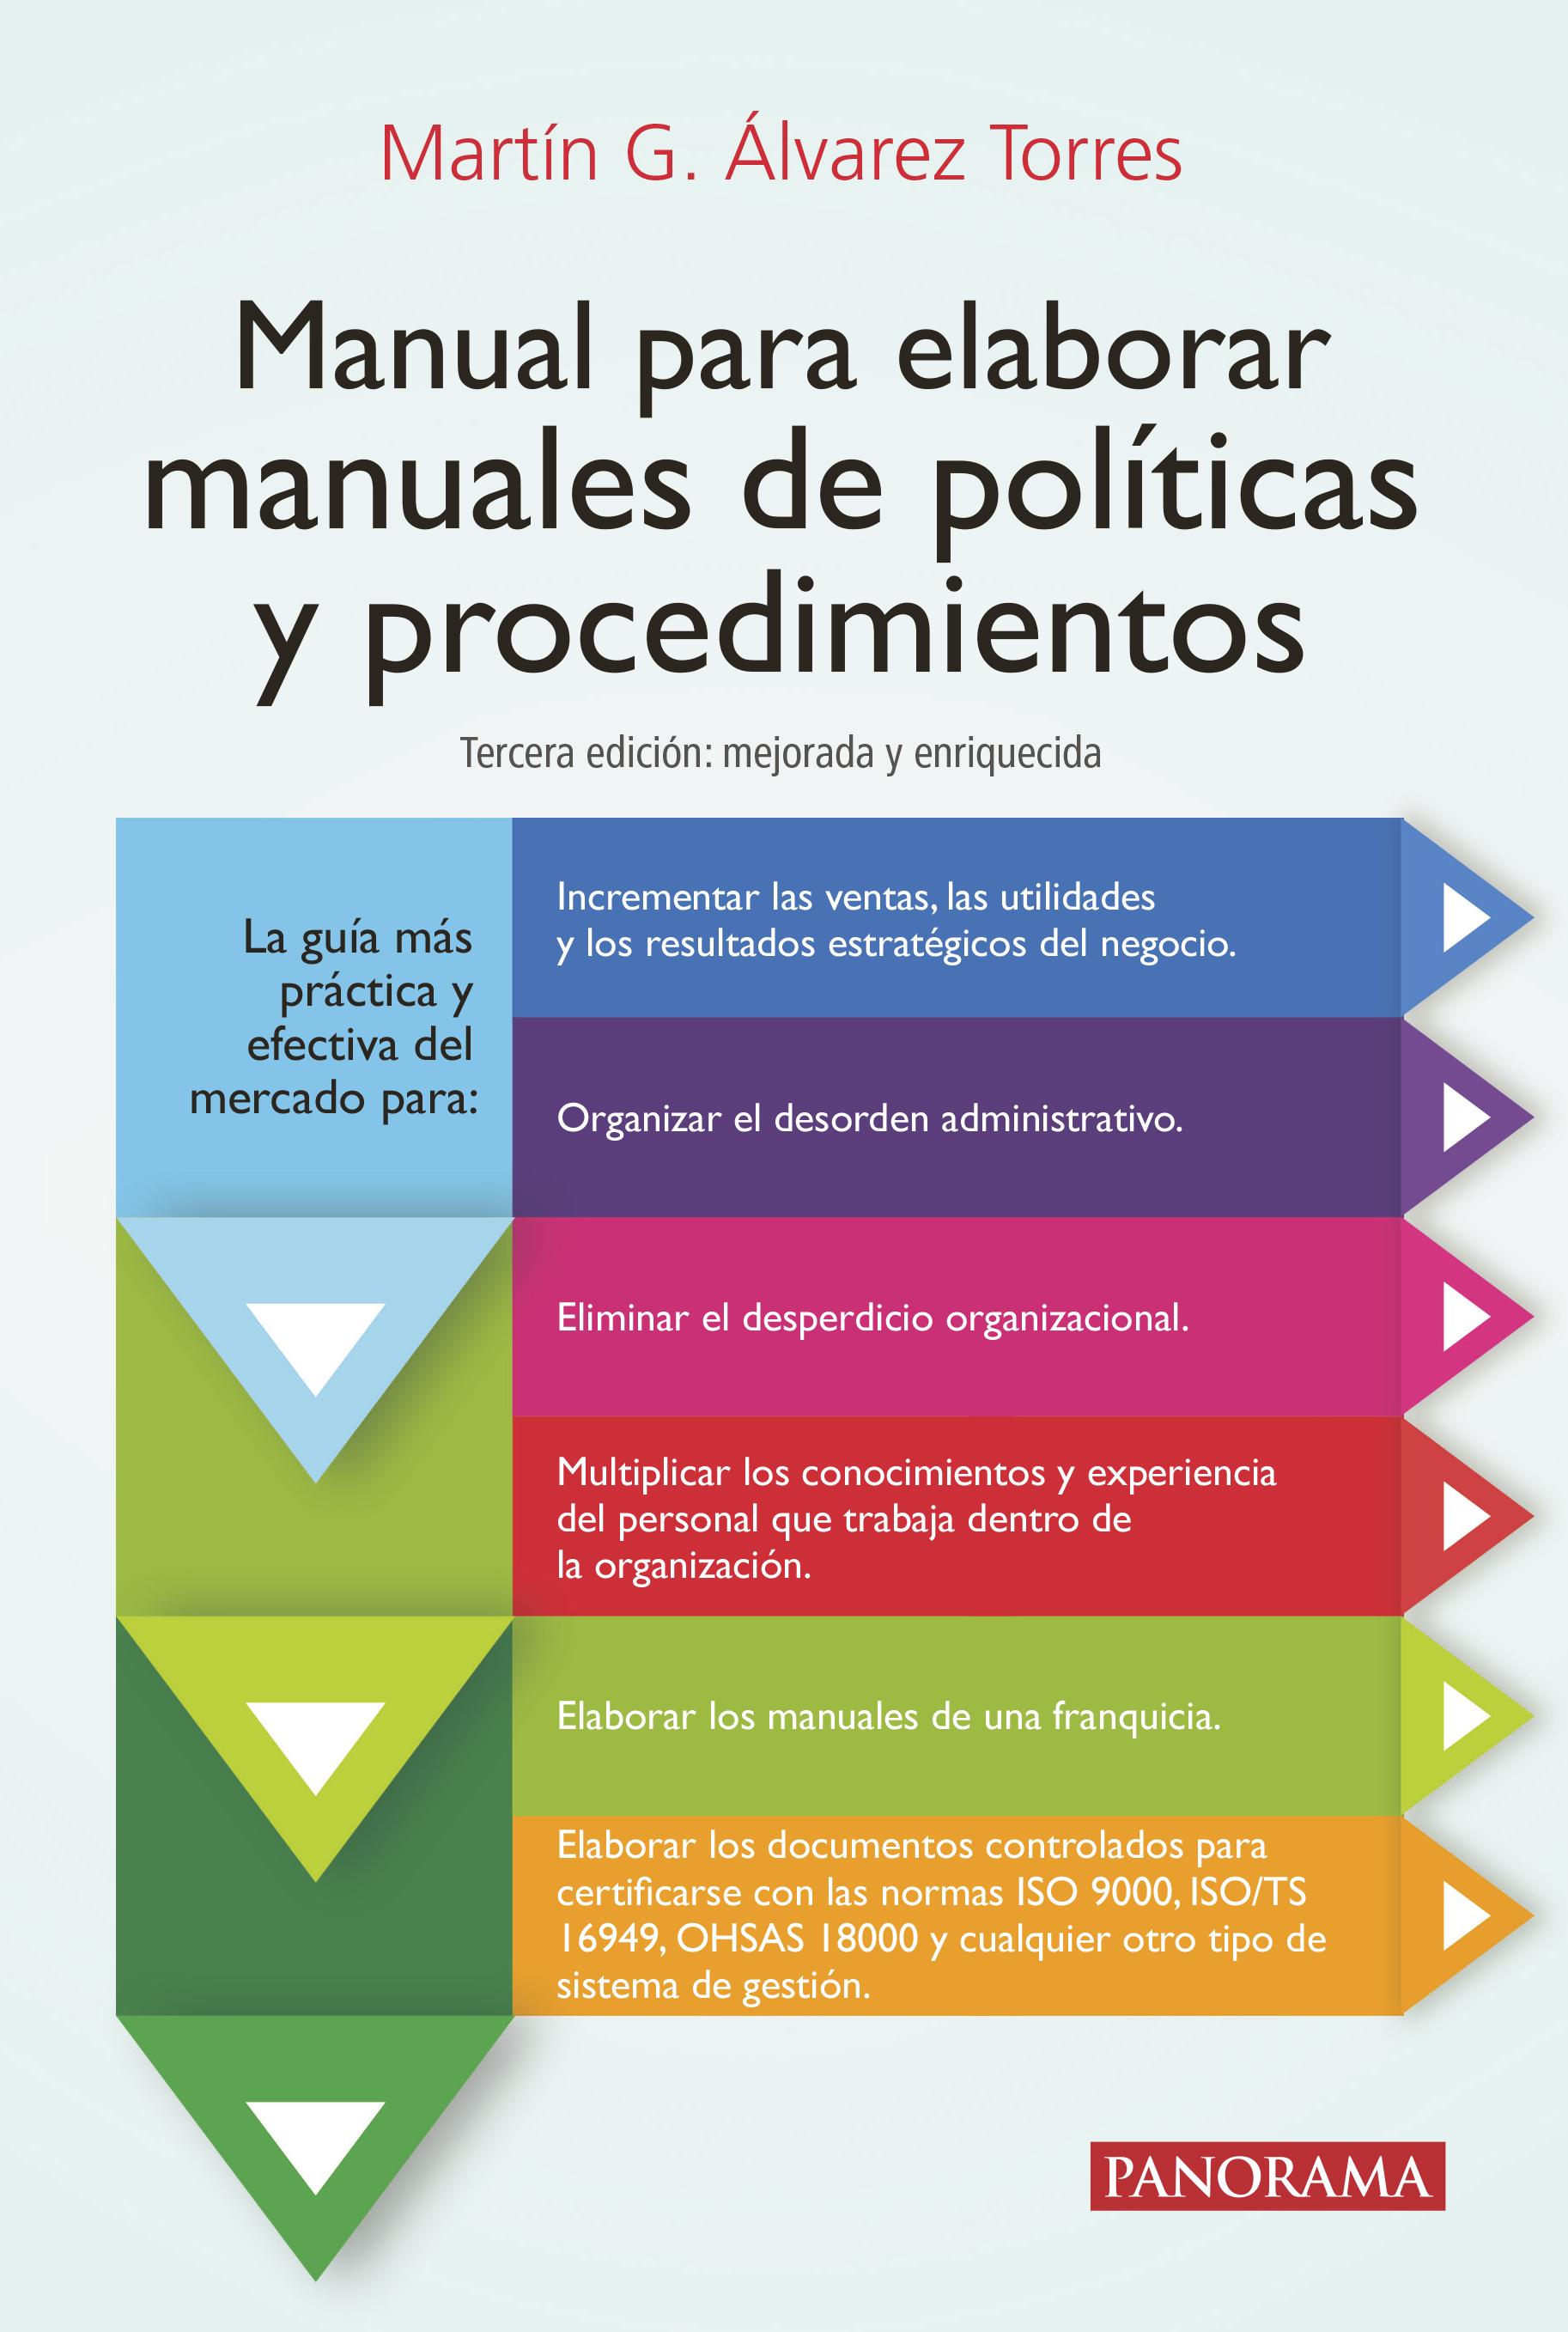 Manual de funciones y procedimientos ppt video online descargar.